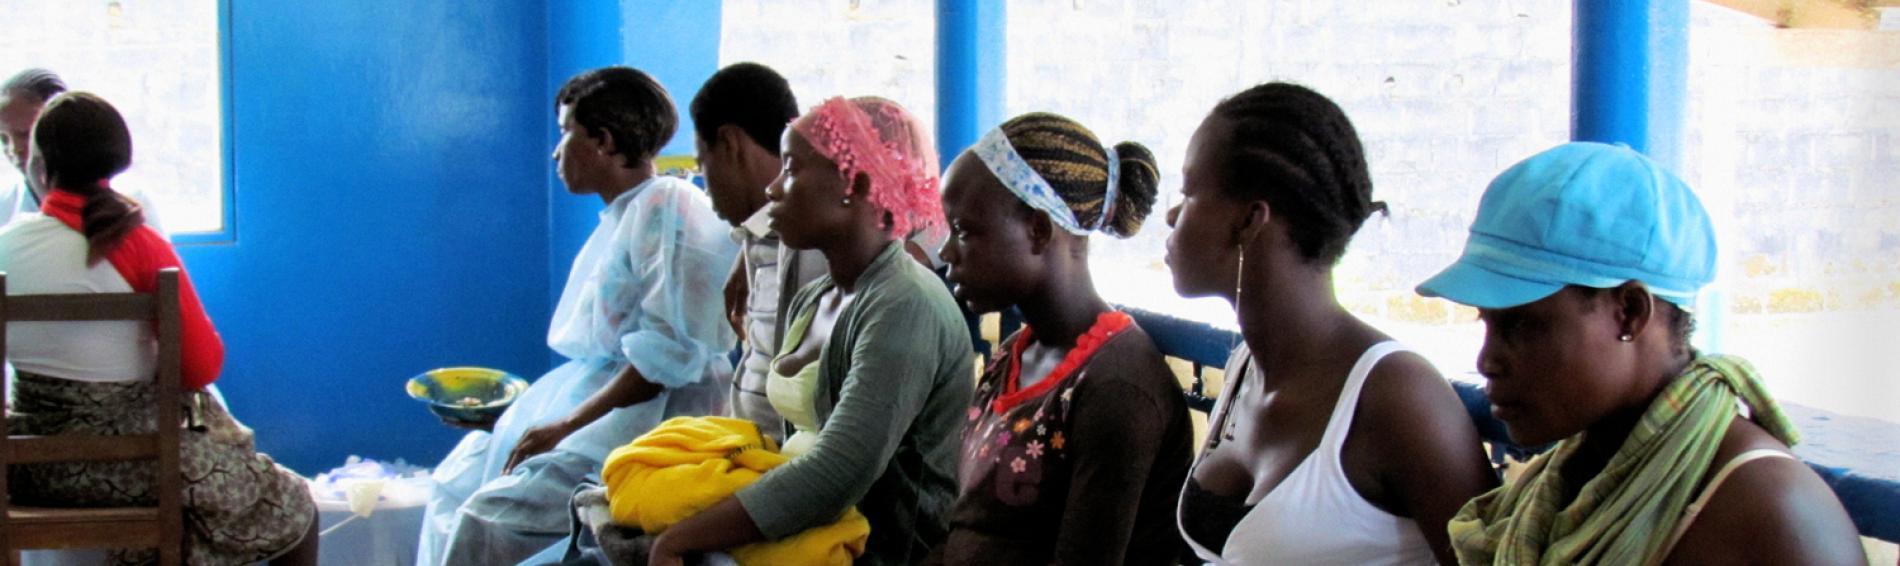 Ärzte der Welt unterstützt lokale Gesundheitseinrichtungen und informiert das medizinische Personal über den Umgang mit dem Ebola-Virus. Foto: DR